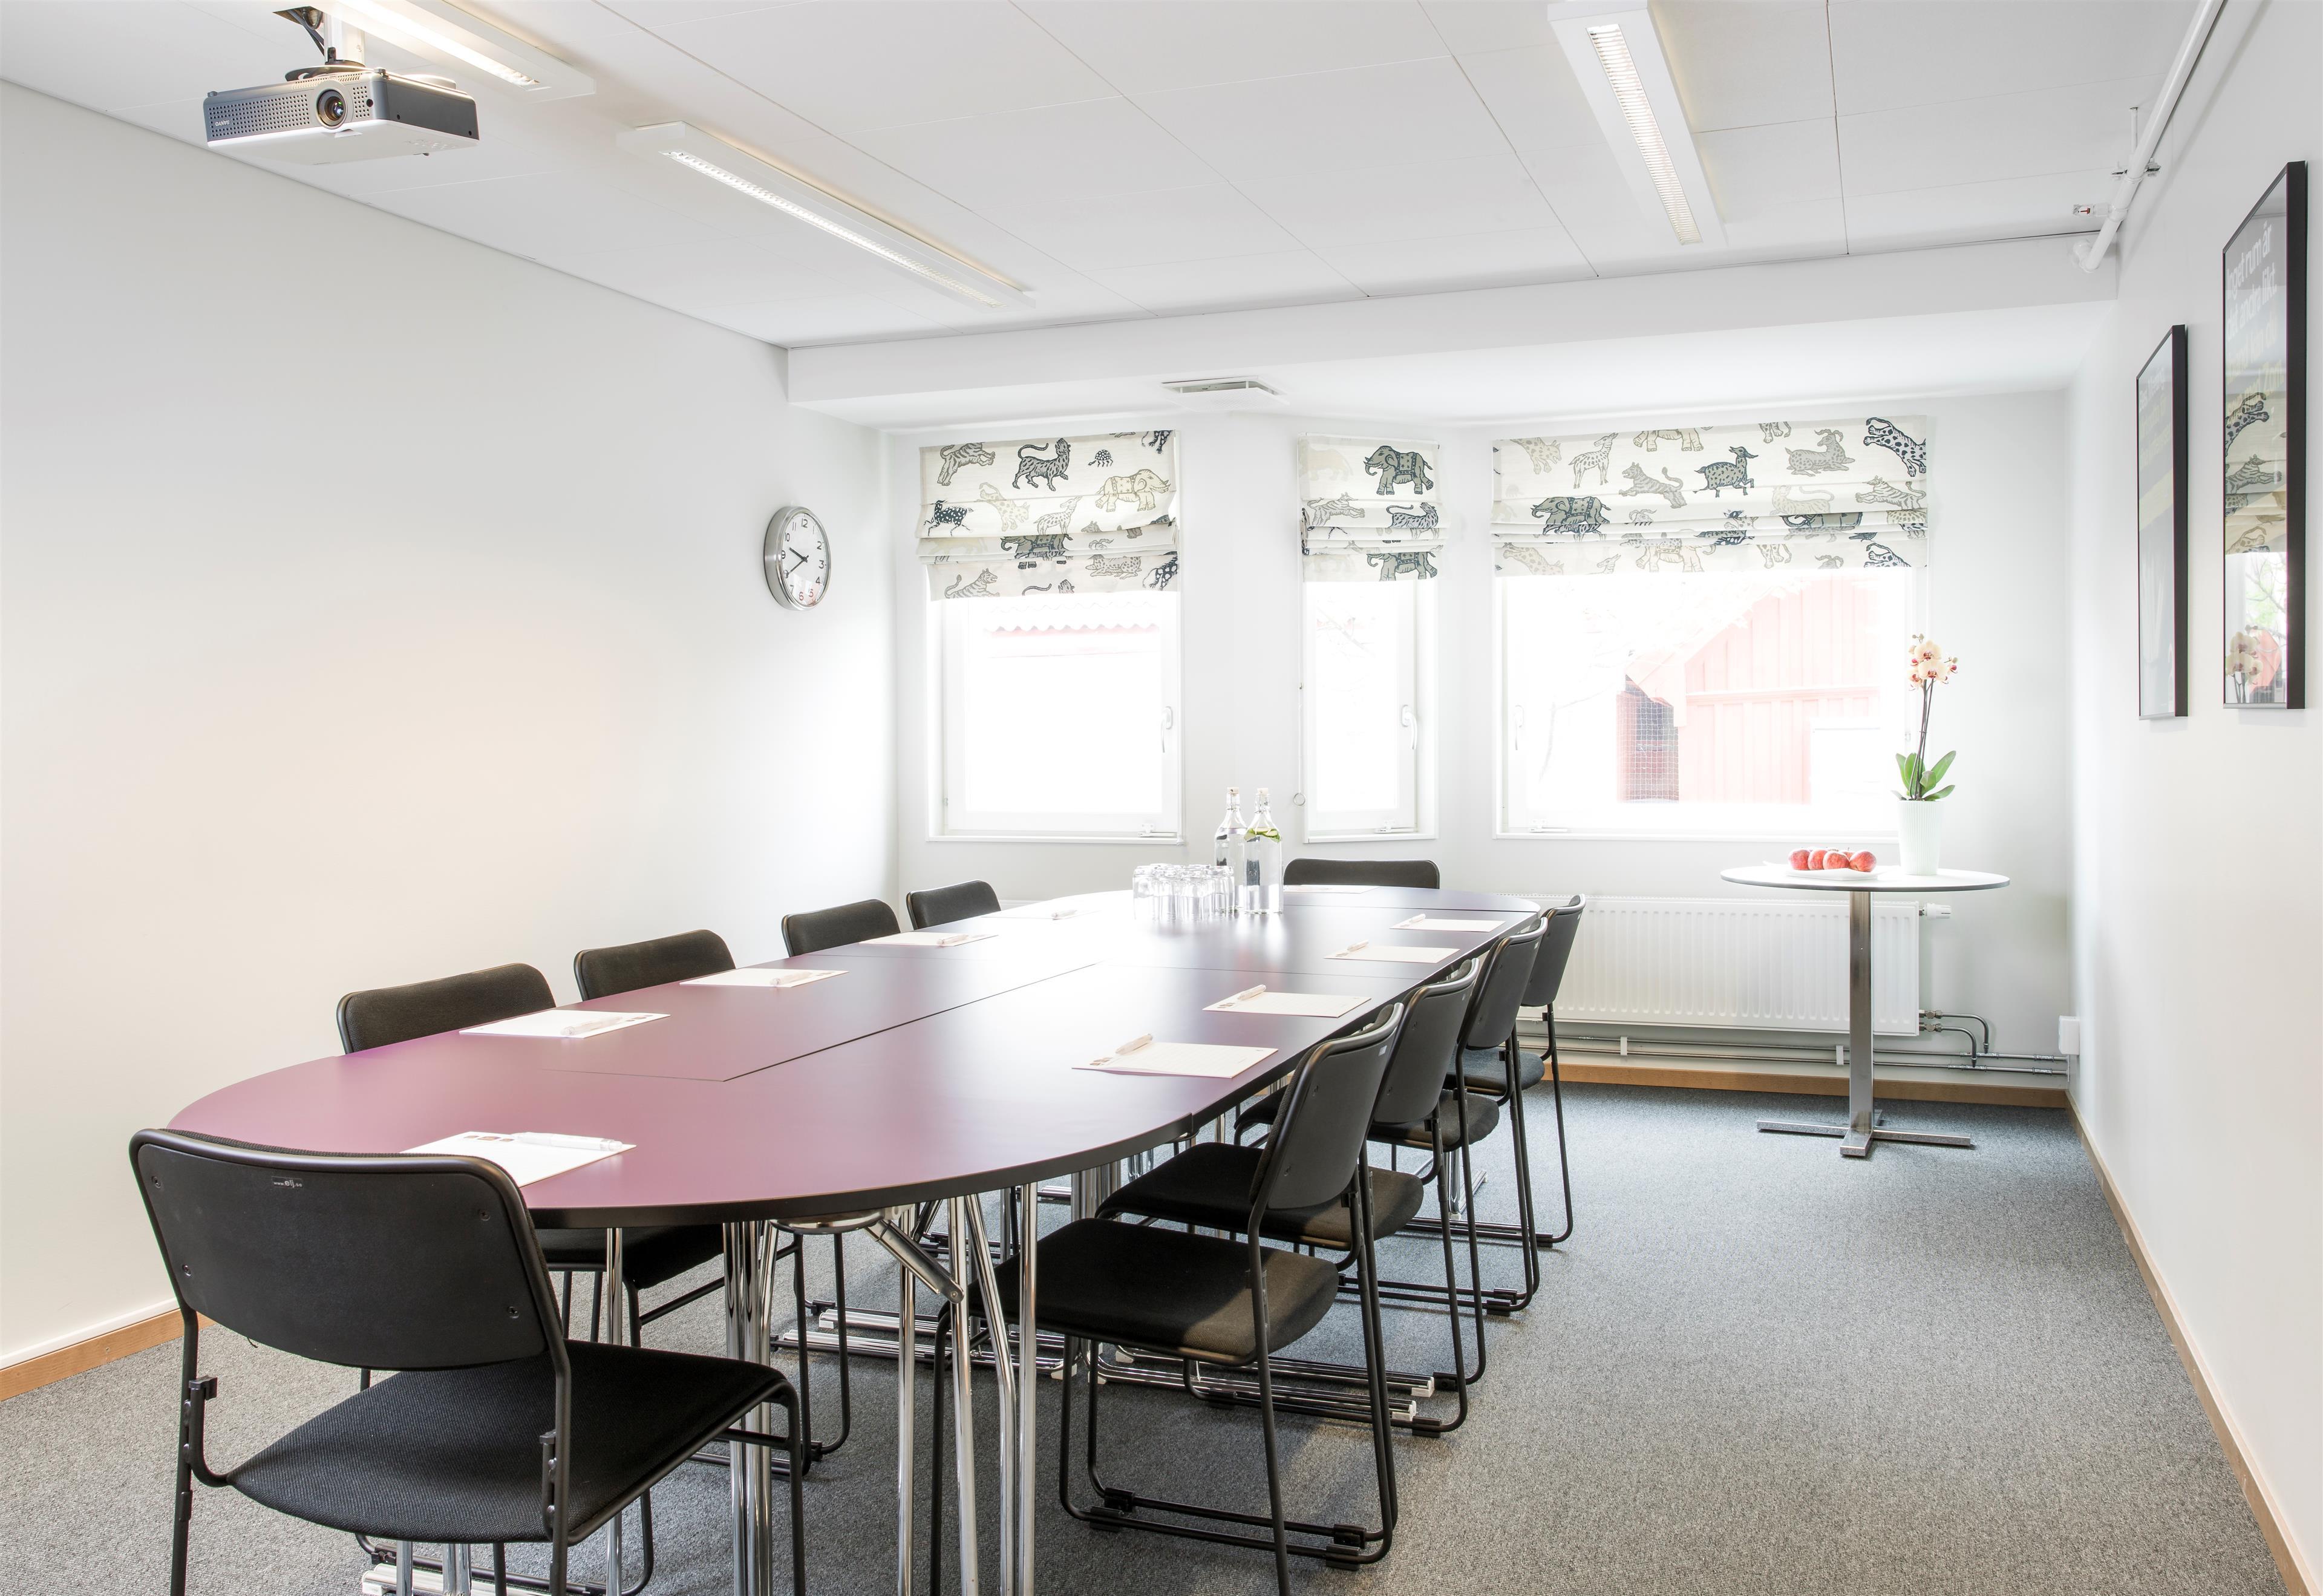 Gullhår Meeting Room